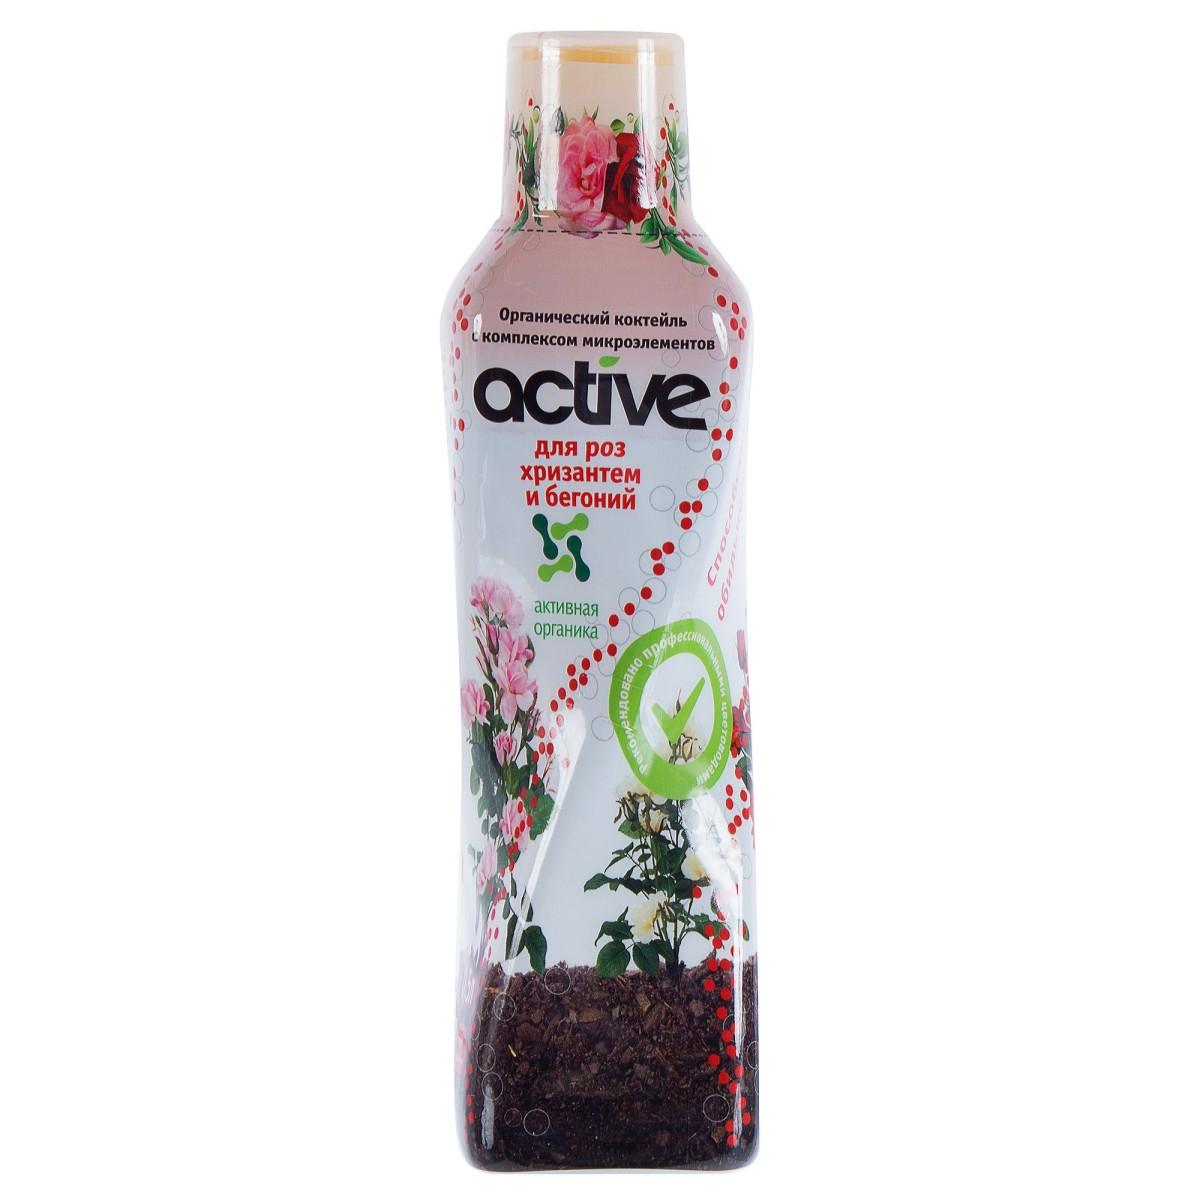 Удобрение Active для роз хризантем и бегоний 0.5 л